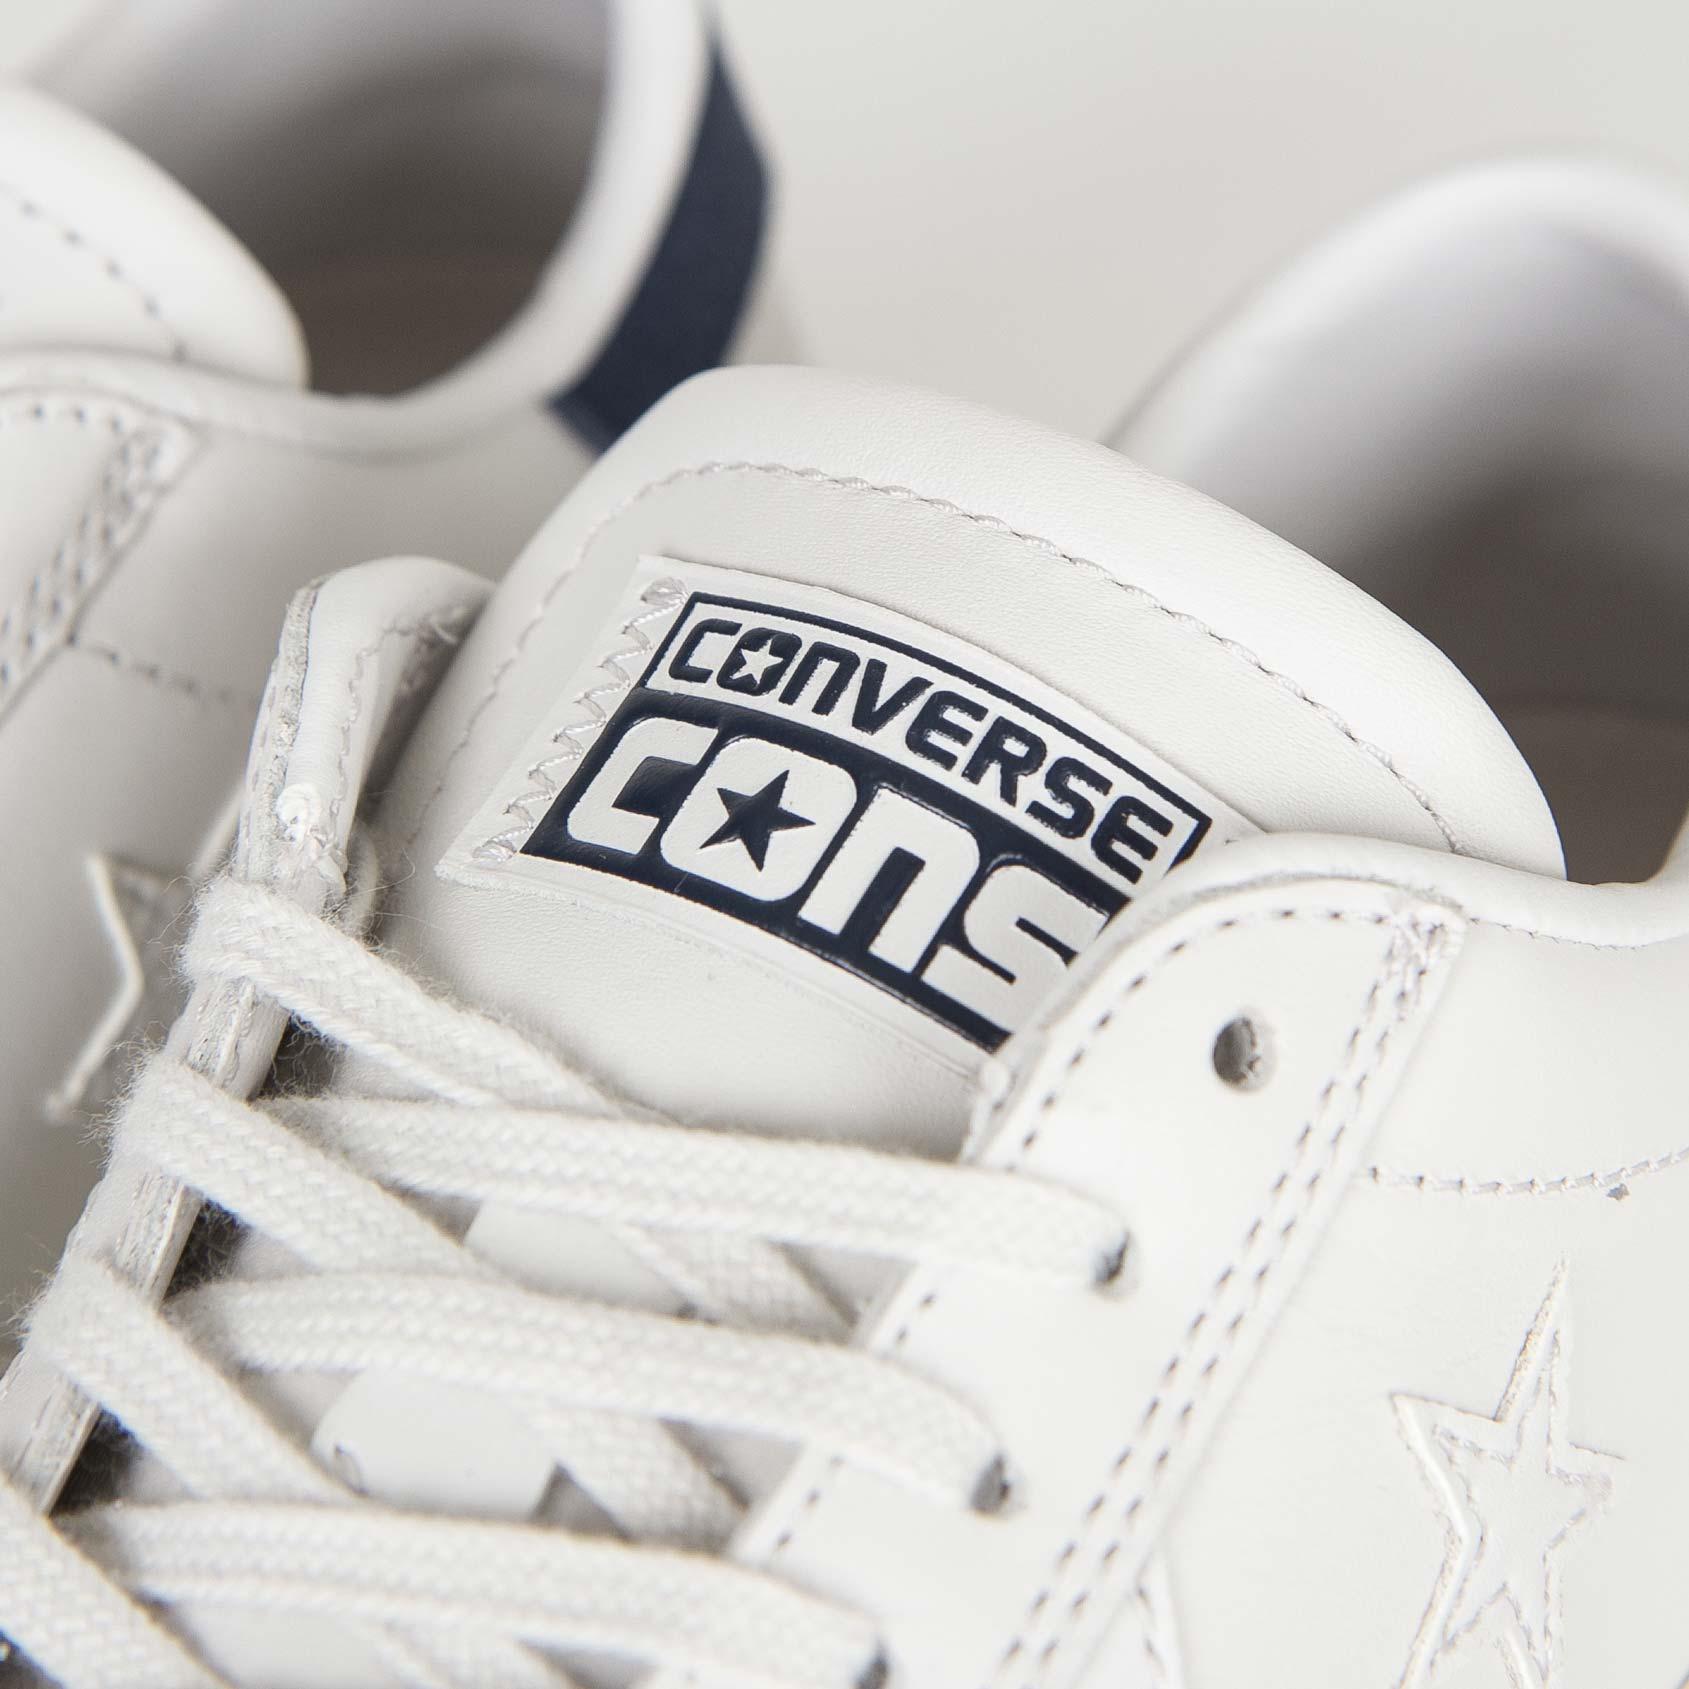 a77afcbb18d3 Converse Pro Leather LP-Ox - 147789c - Sneakersnstuff